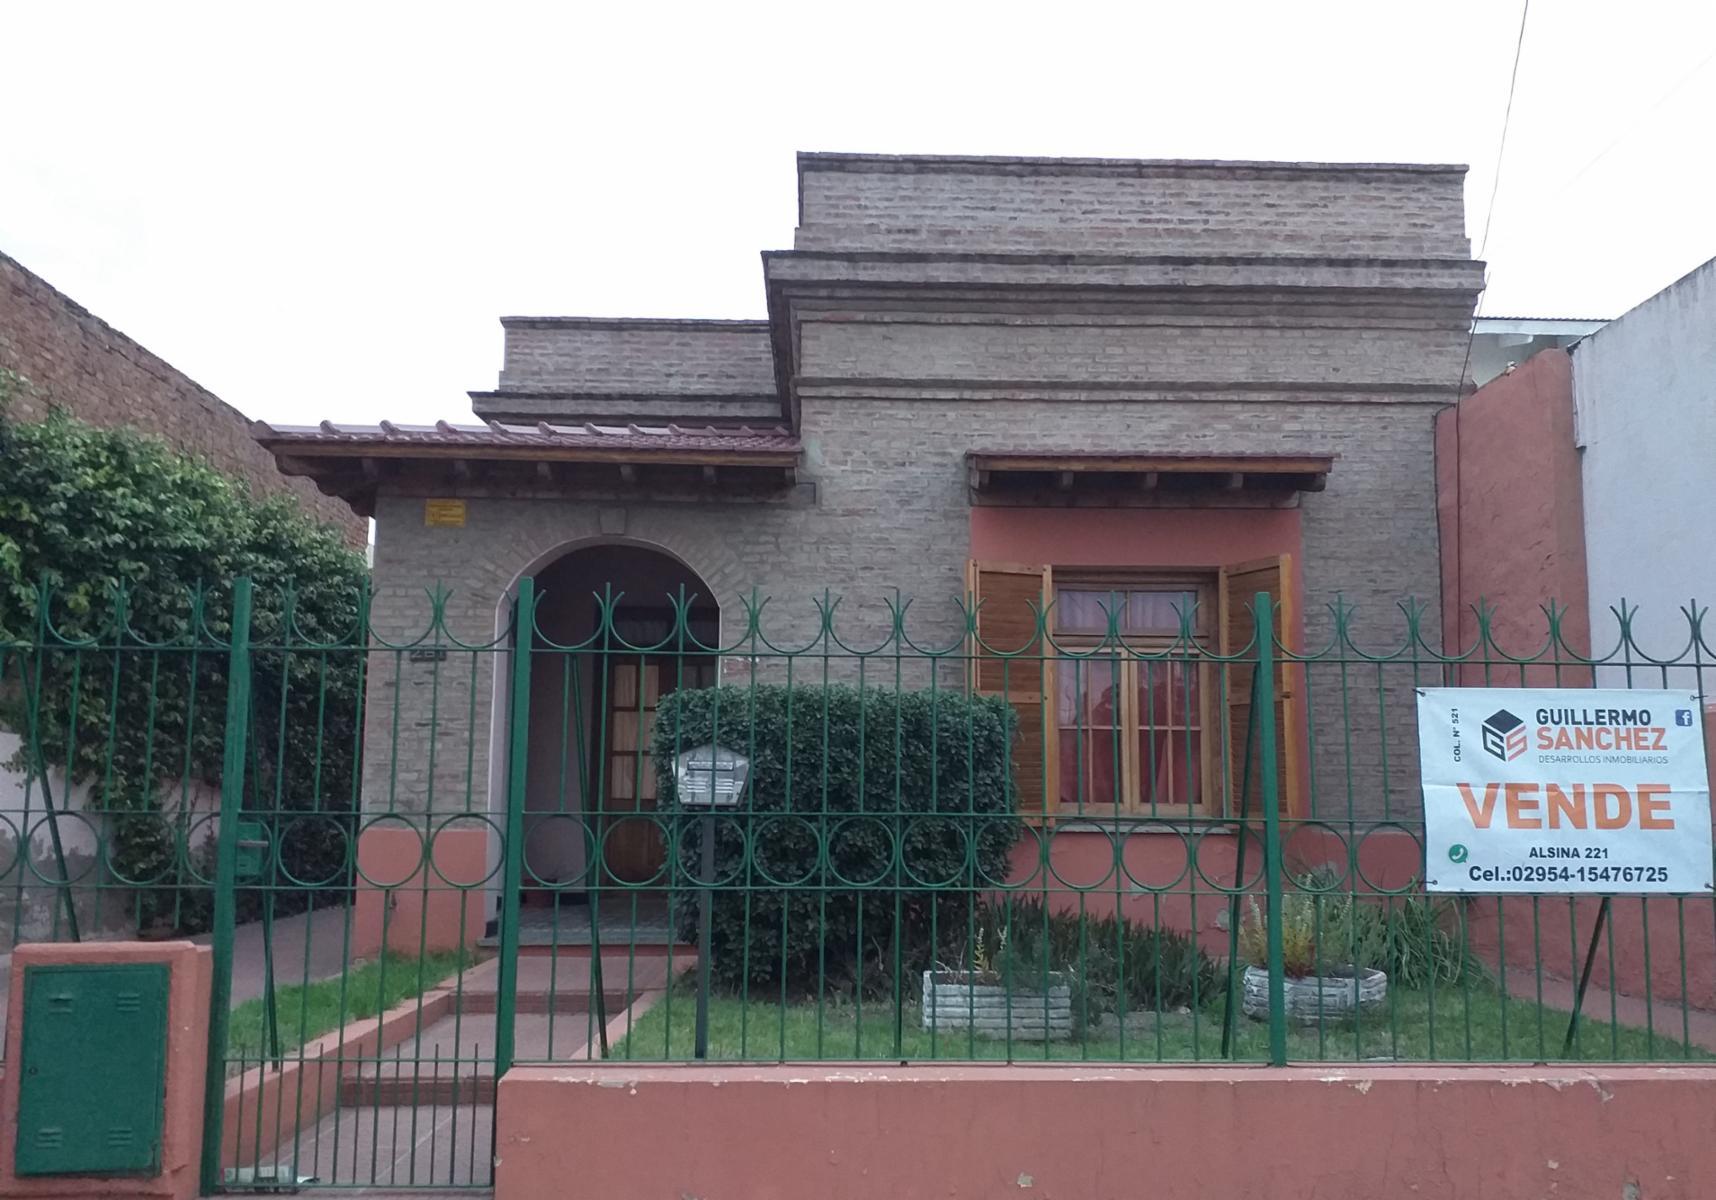 SOBRE DUVAL DOS DORMITORIOS, Guillermo Sanchez Desarrollos Inmobiliarios